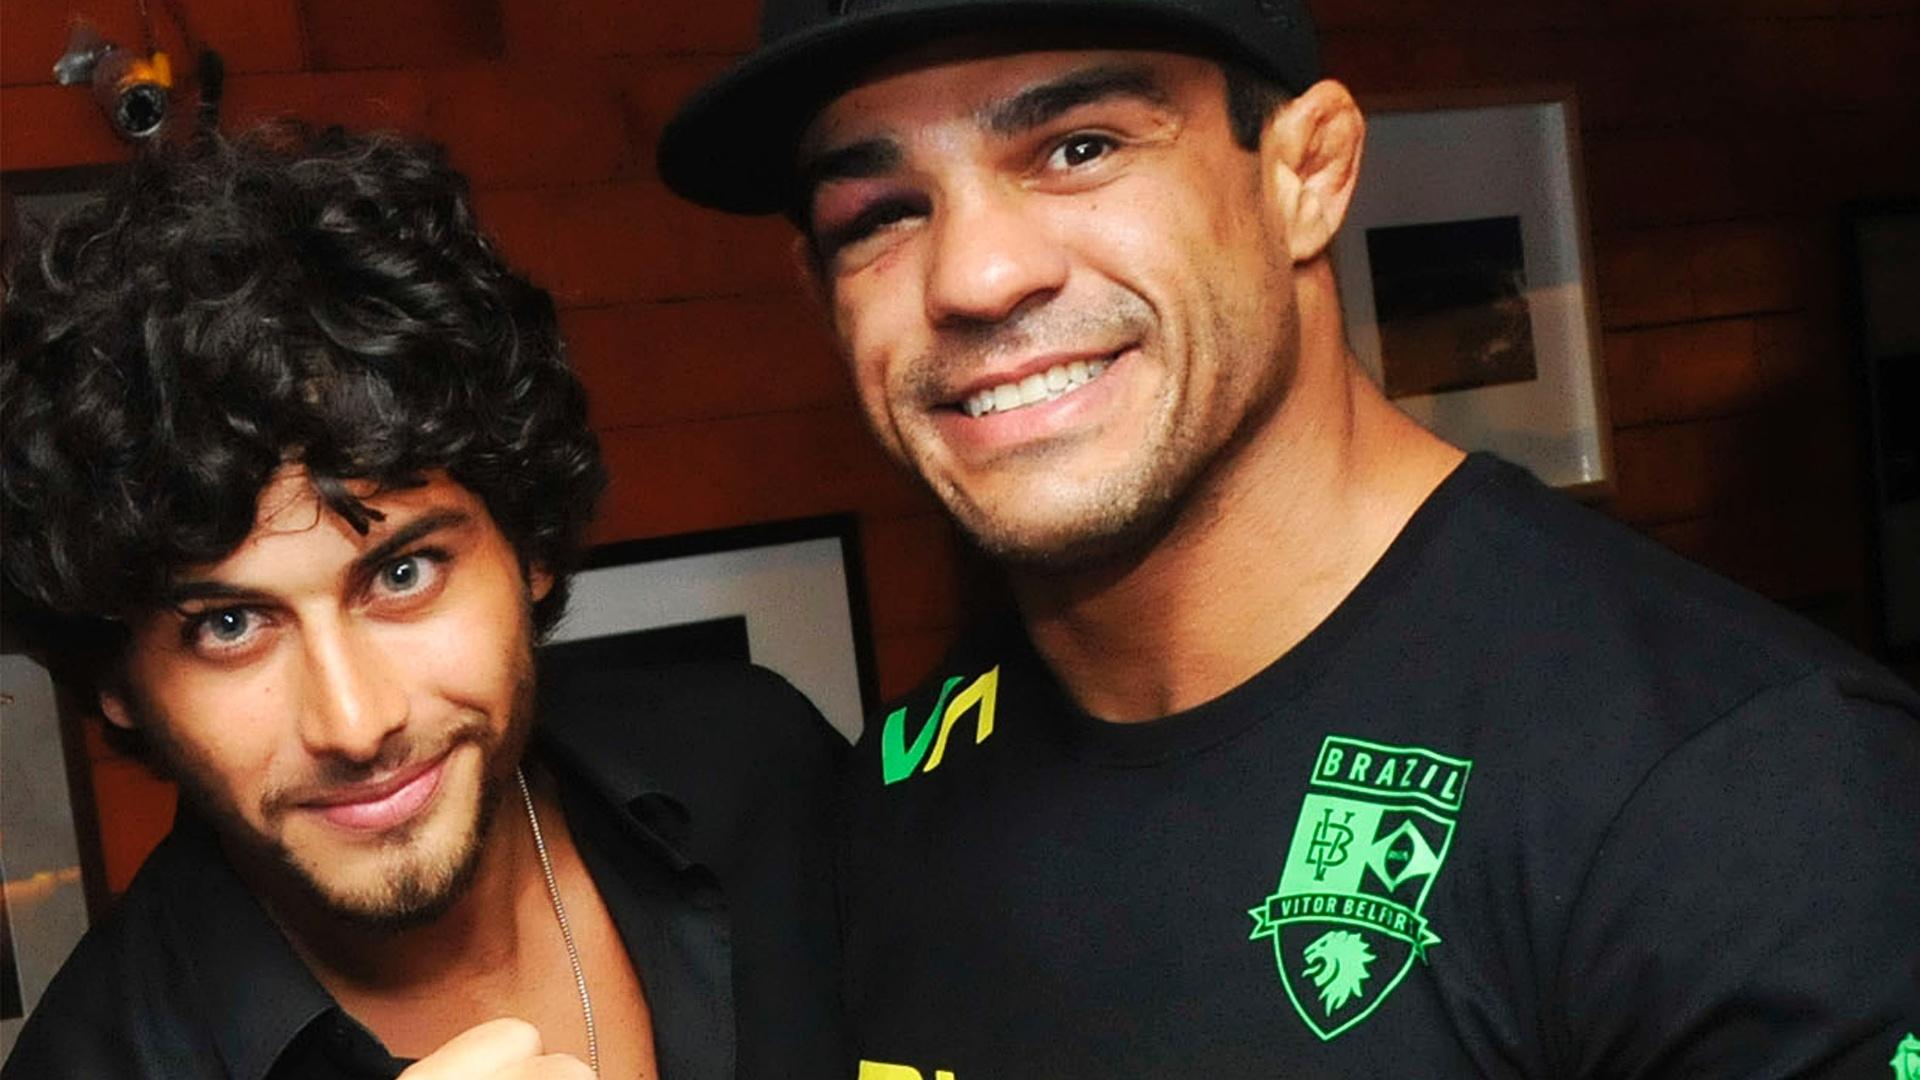 Jesus Luz recebe um abraço de Vitor Belfort na comemoração do seu aniversário de 25 anos no Barzin, na zona sul do Rio. Na noite anterior, Belfort venceu Anthony Johnson pela categoria peso médio, no UFC Rio (15/1/12)